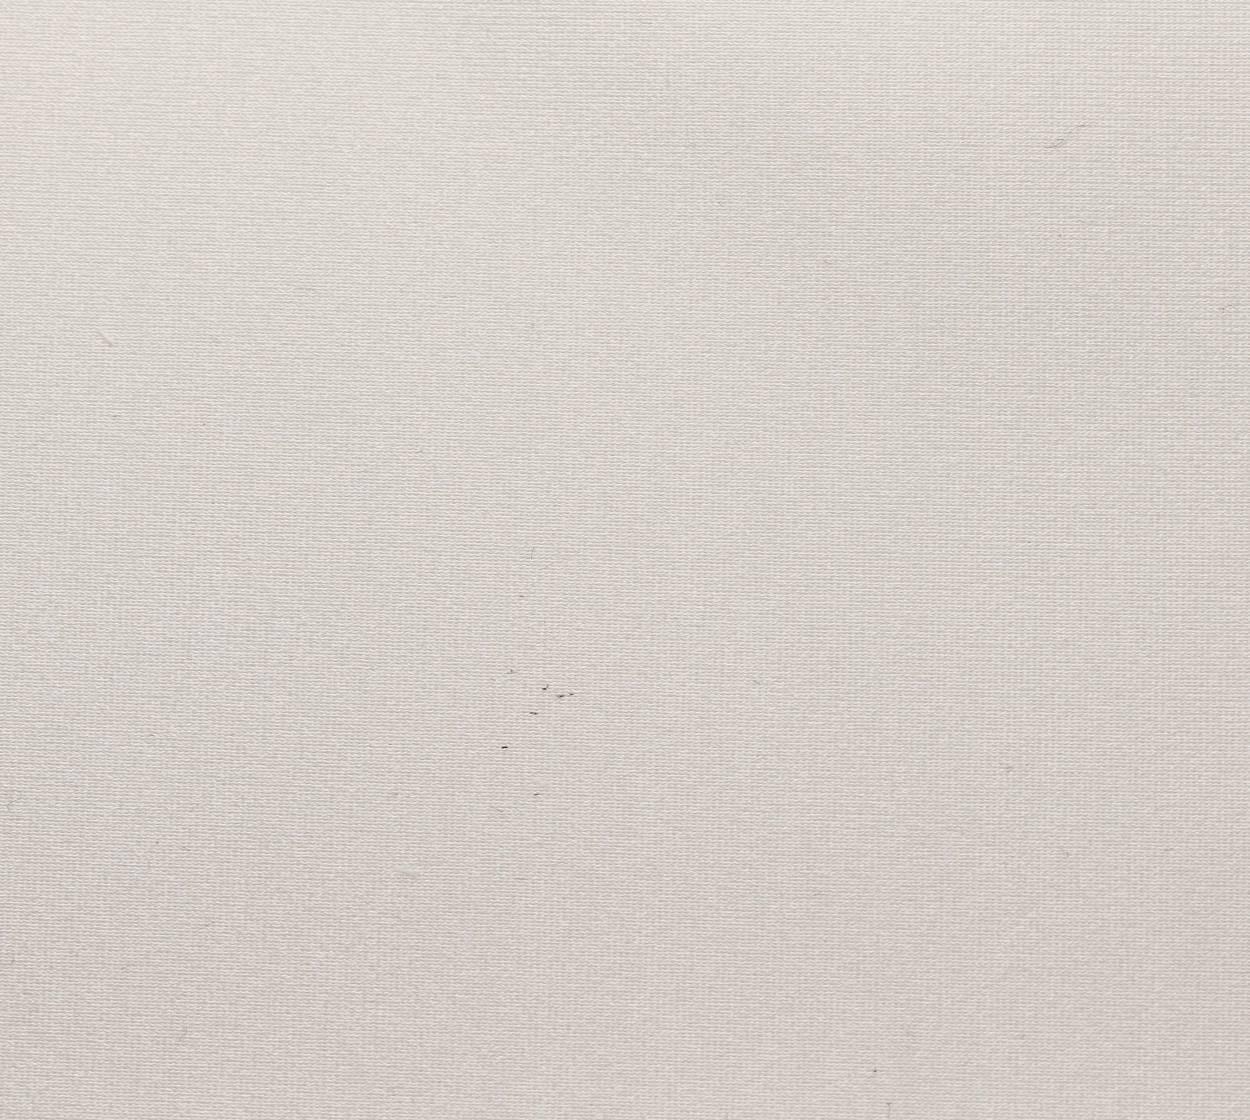 Powerstretch - weiß, 2 m breit, 5P01 im Stamm online Store München